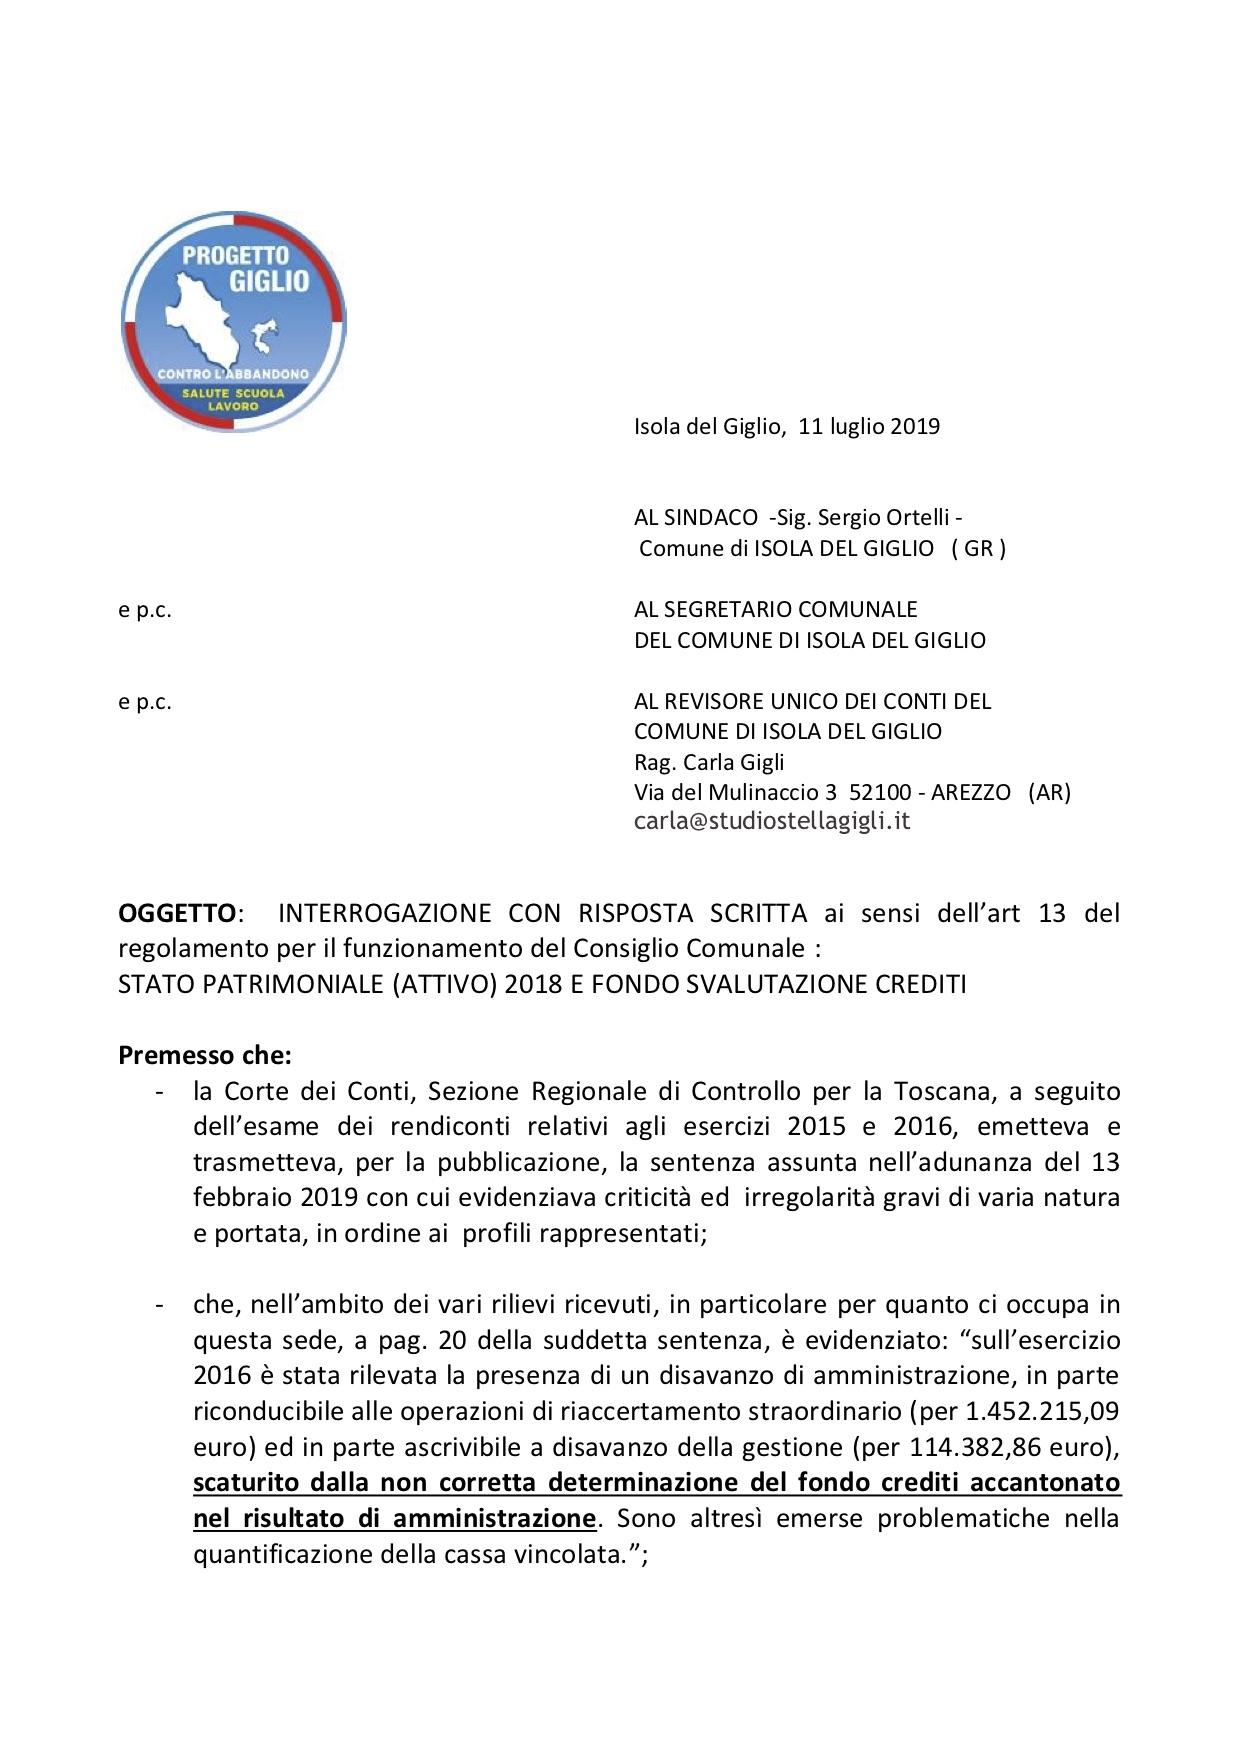 interrogazione minoranza stato patrimoniale sindaco comune isola del giglio giglionews